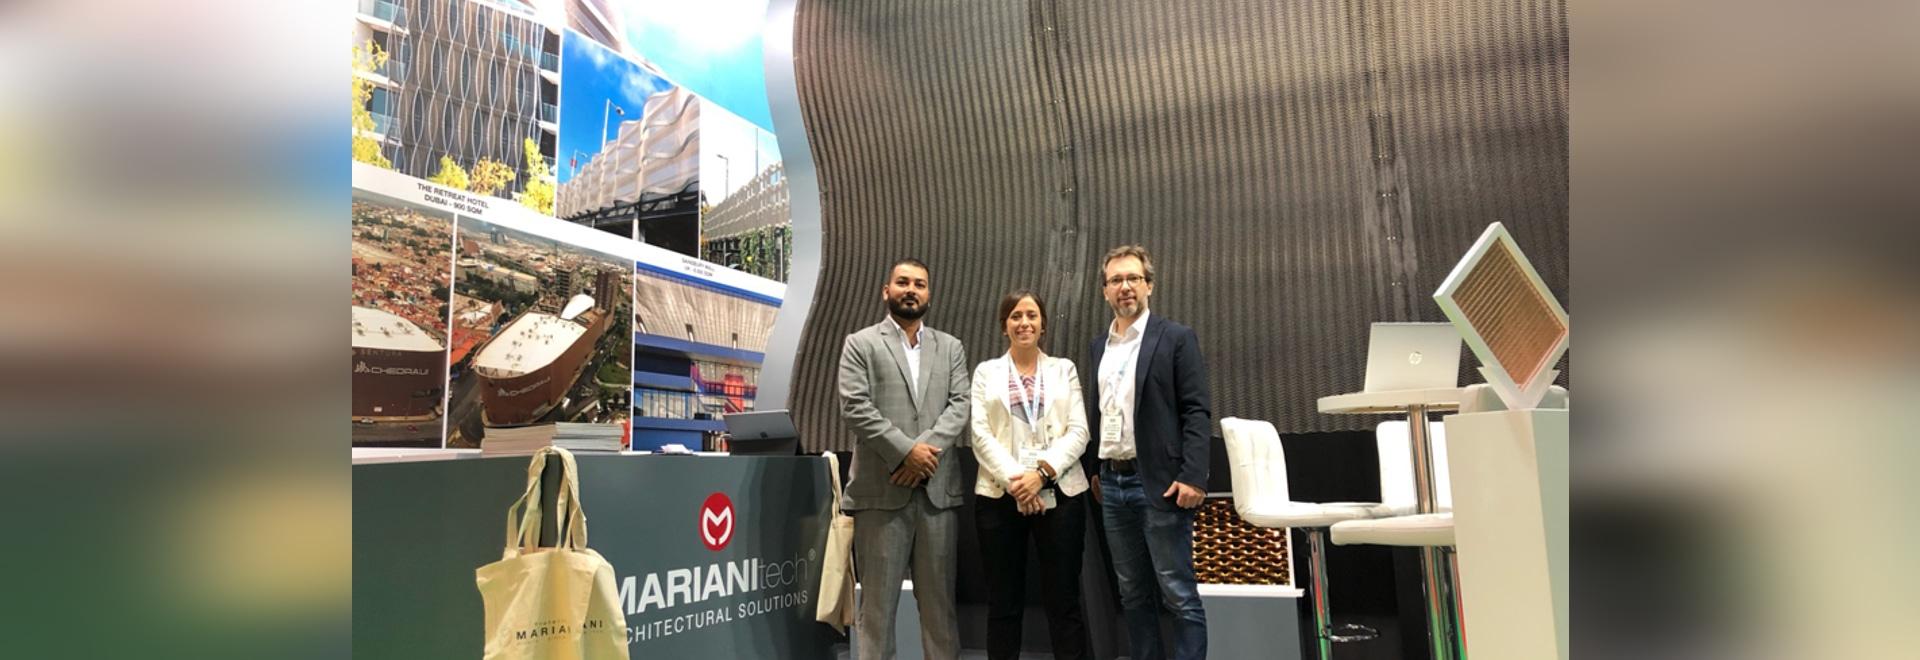 Fratelli_Mariani_team